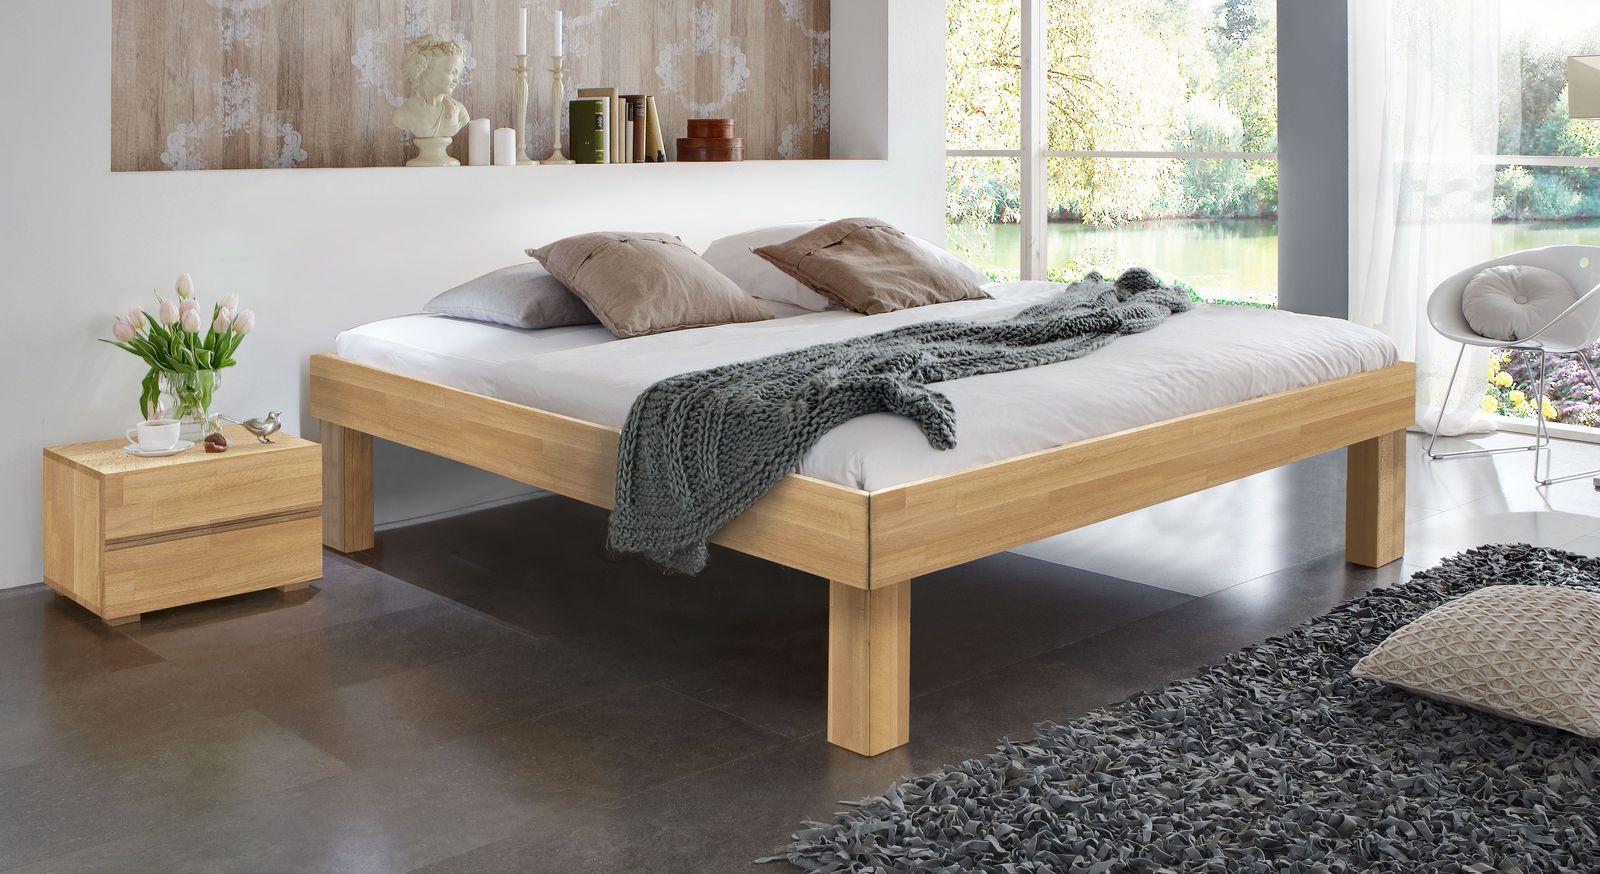 Massivholzliege Madrid Komfort aus Buche mit 30 cm hohen Füßen